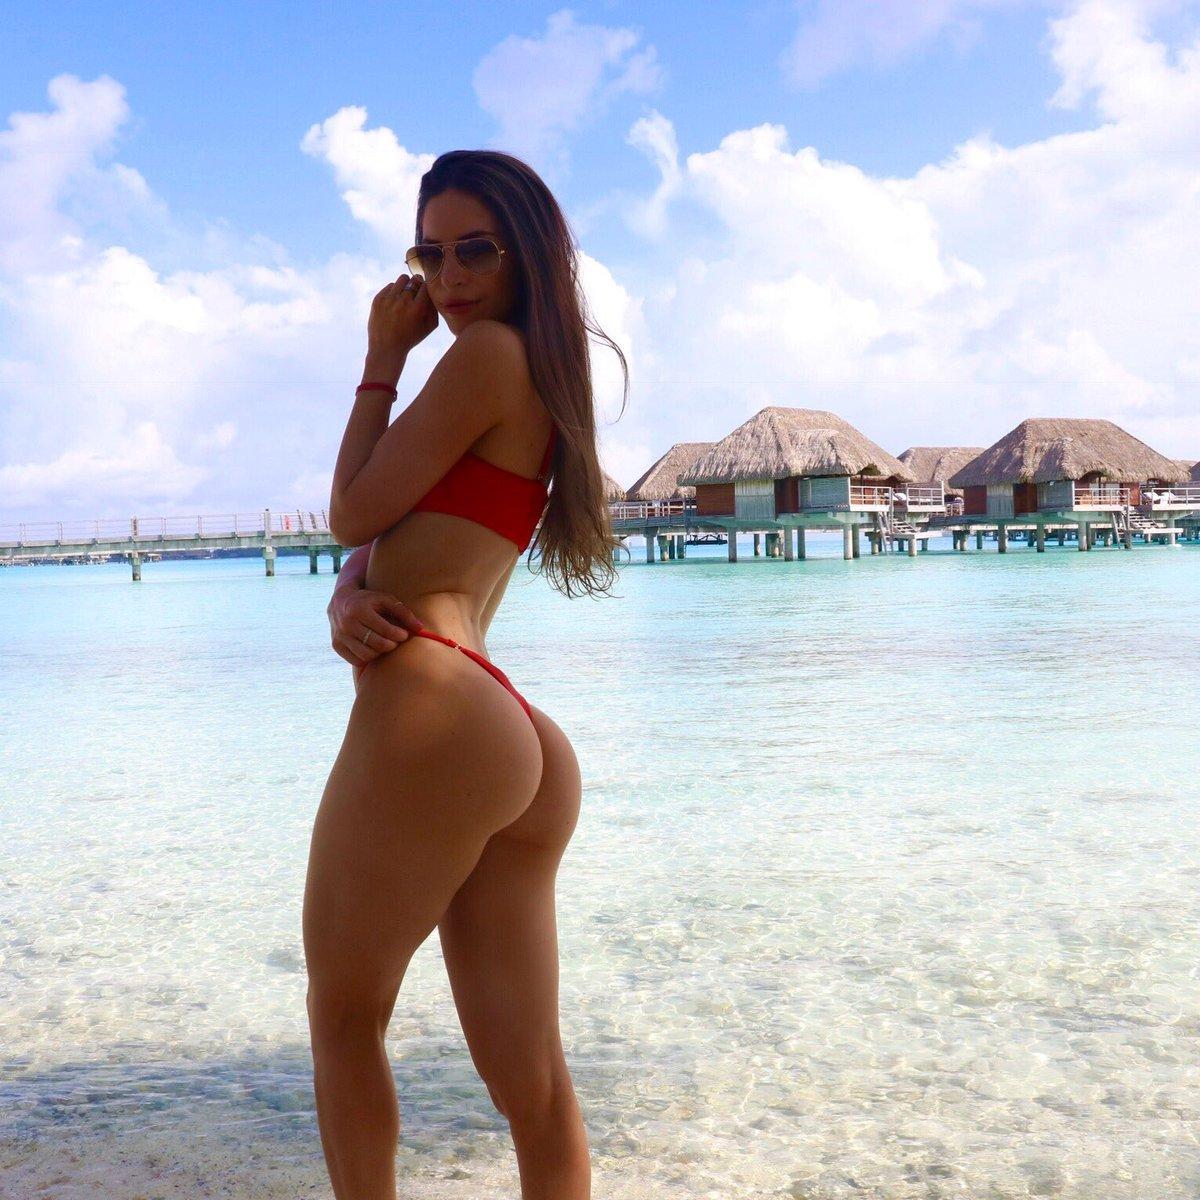 obtyazhku-porno-foto-dzhen-selter-v-bikini-smeshnoe-porno